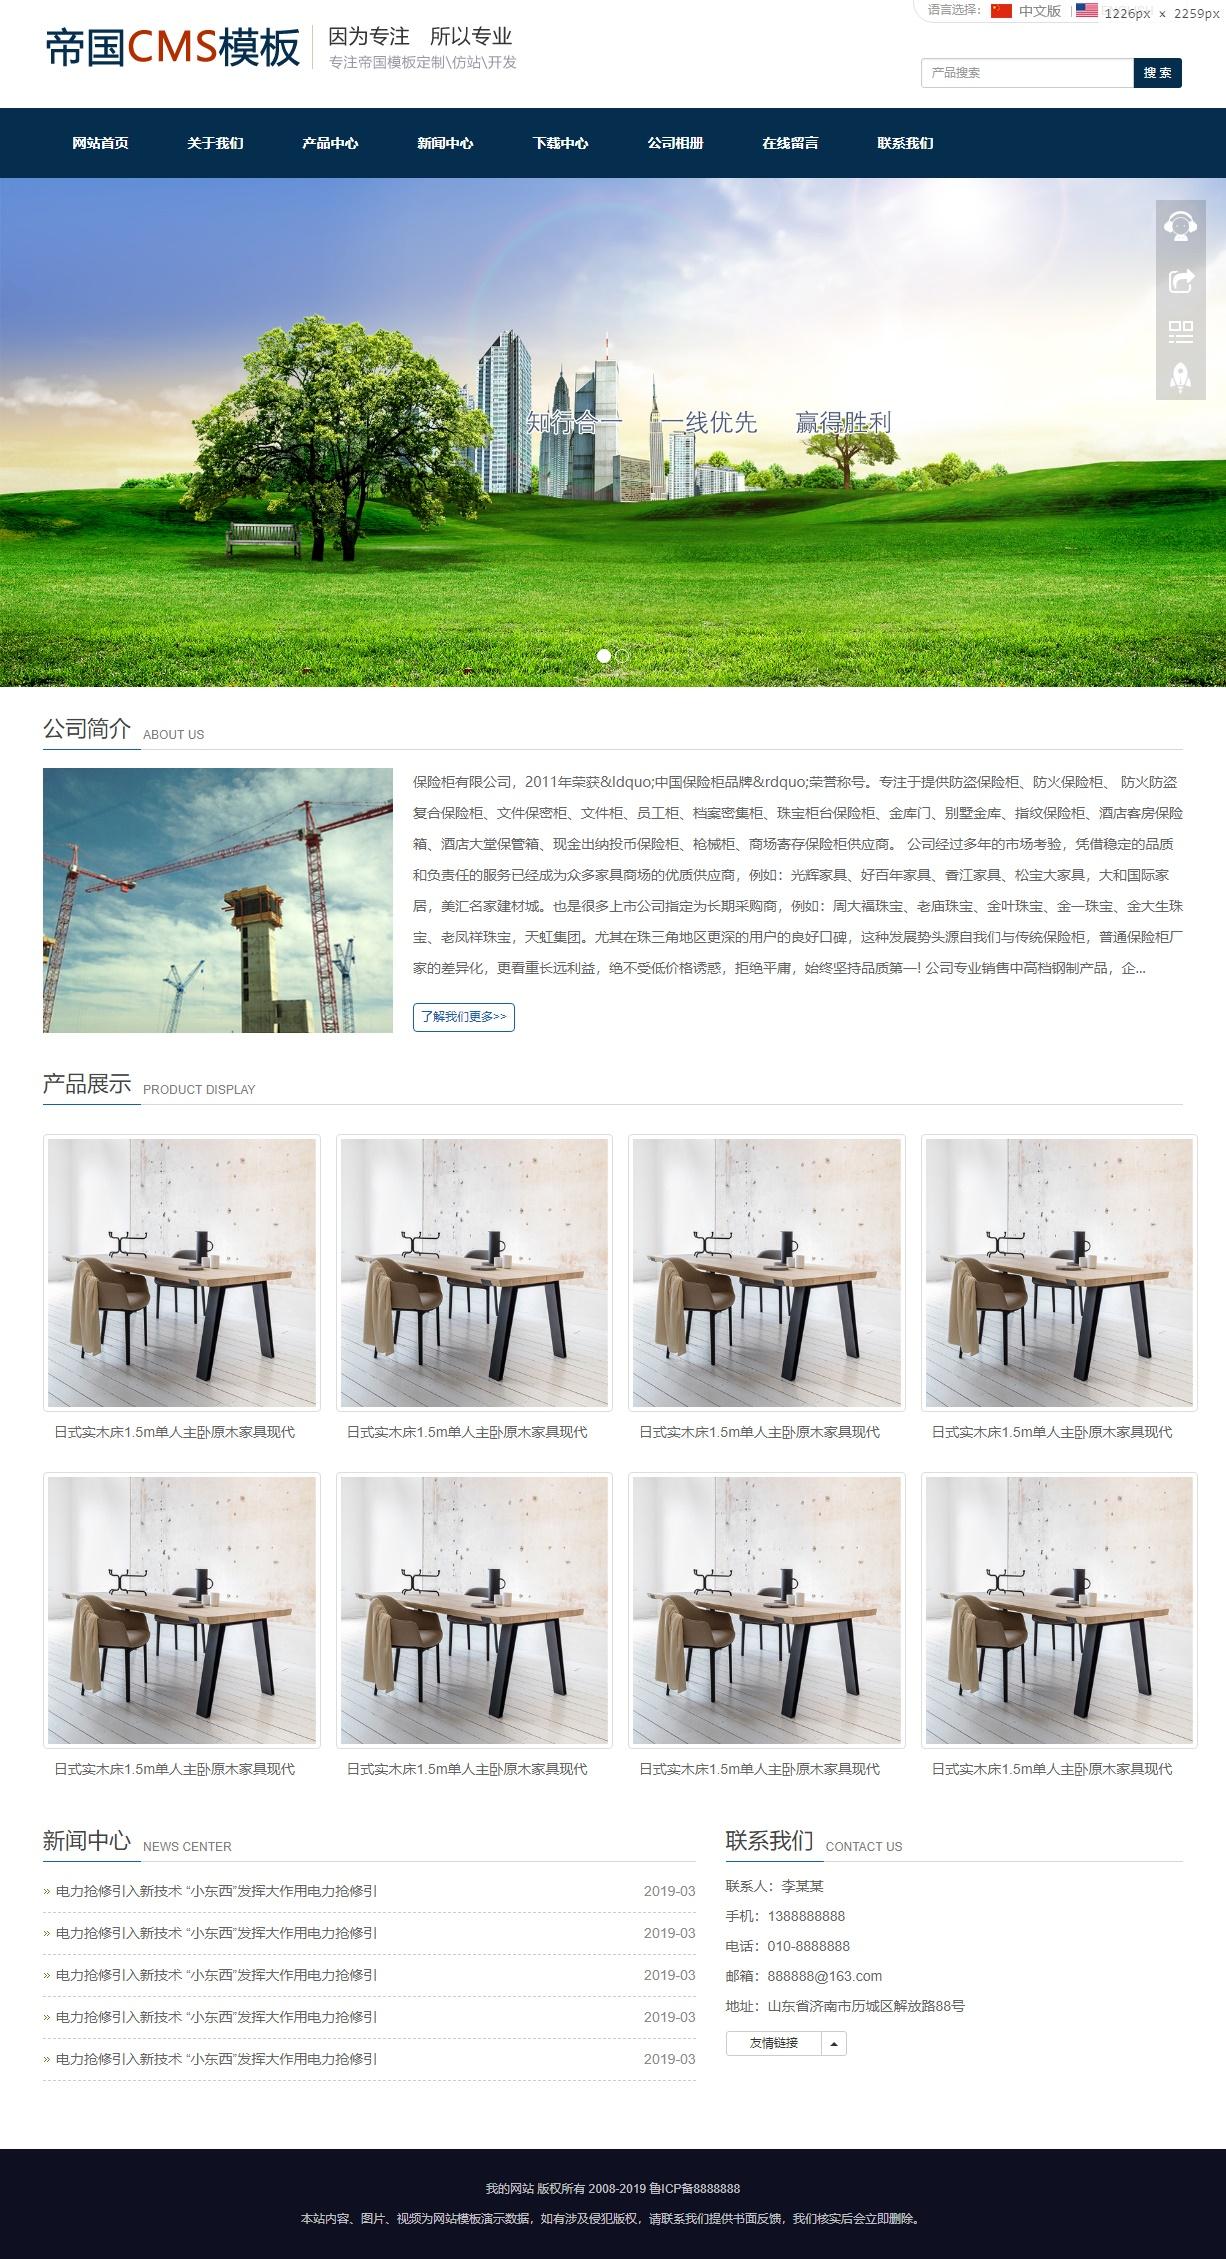 响应式自适应手机帝国cms中英文外贸企业网站模板_首页